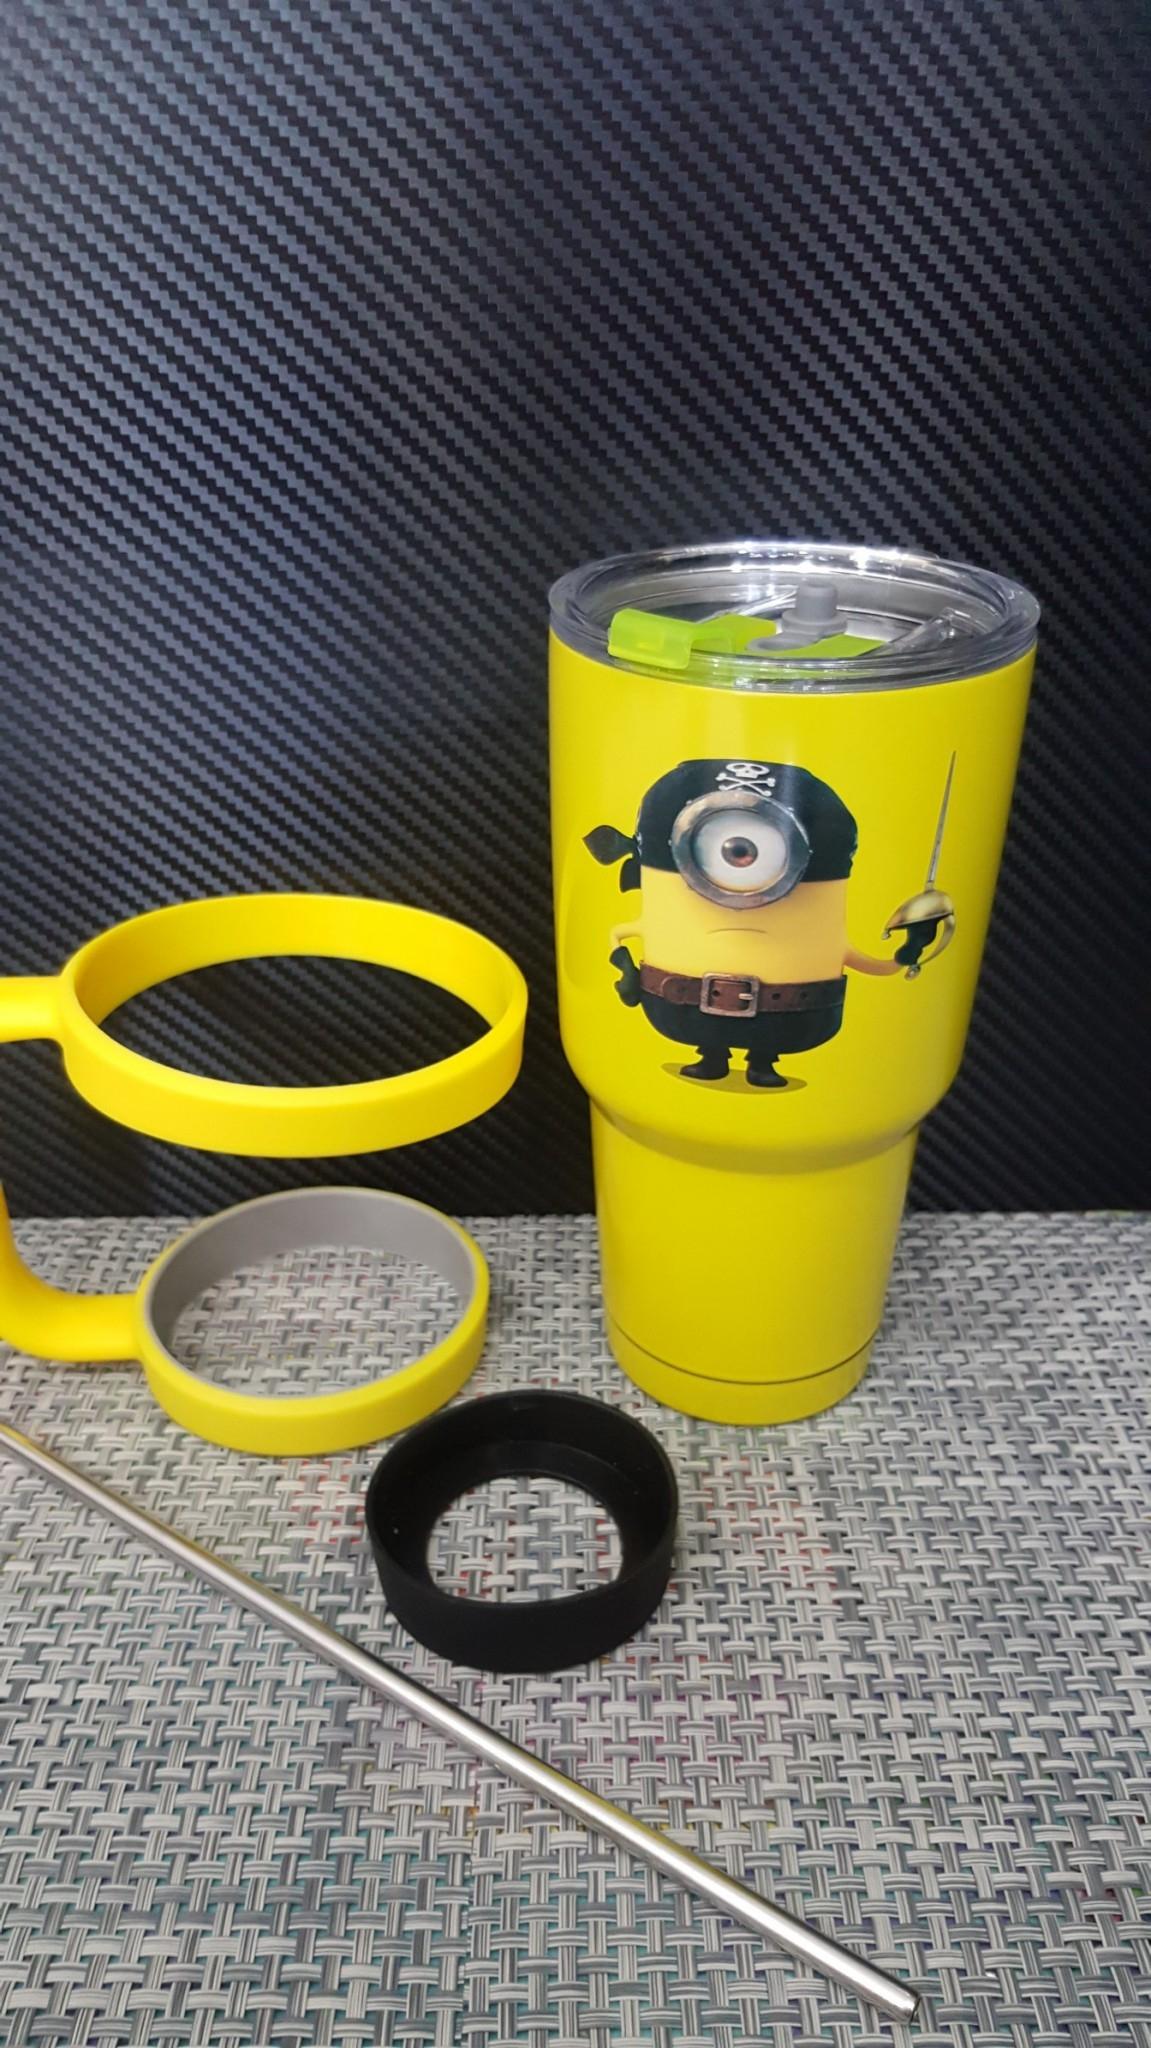 ชุดแก้วเยติ 30 ออนซ์ พื้นสีเหลือง ลายการ์ตูน มินเนี่ยน ถือดาบ